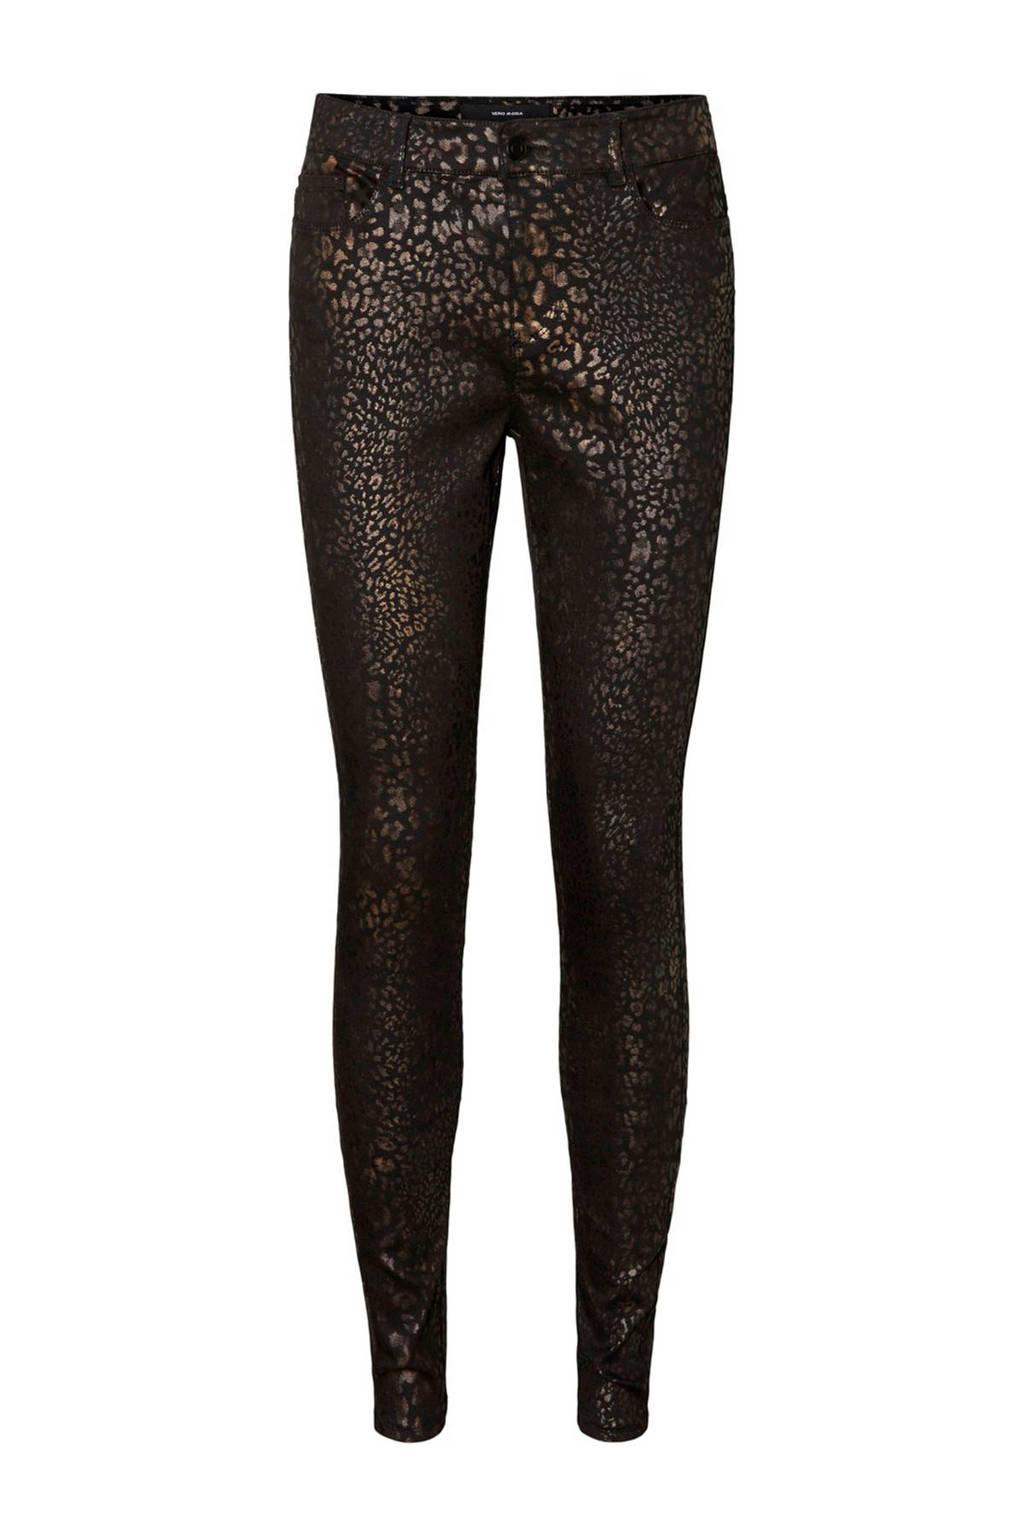 VERO MODA coated skinny broek met panterprint zwart/bruin, Zwart/bruin